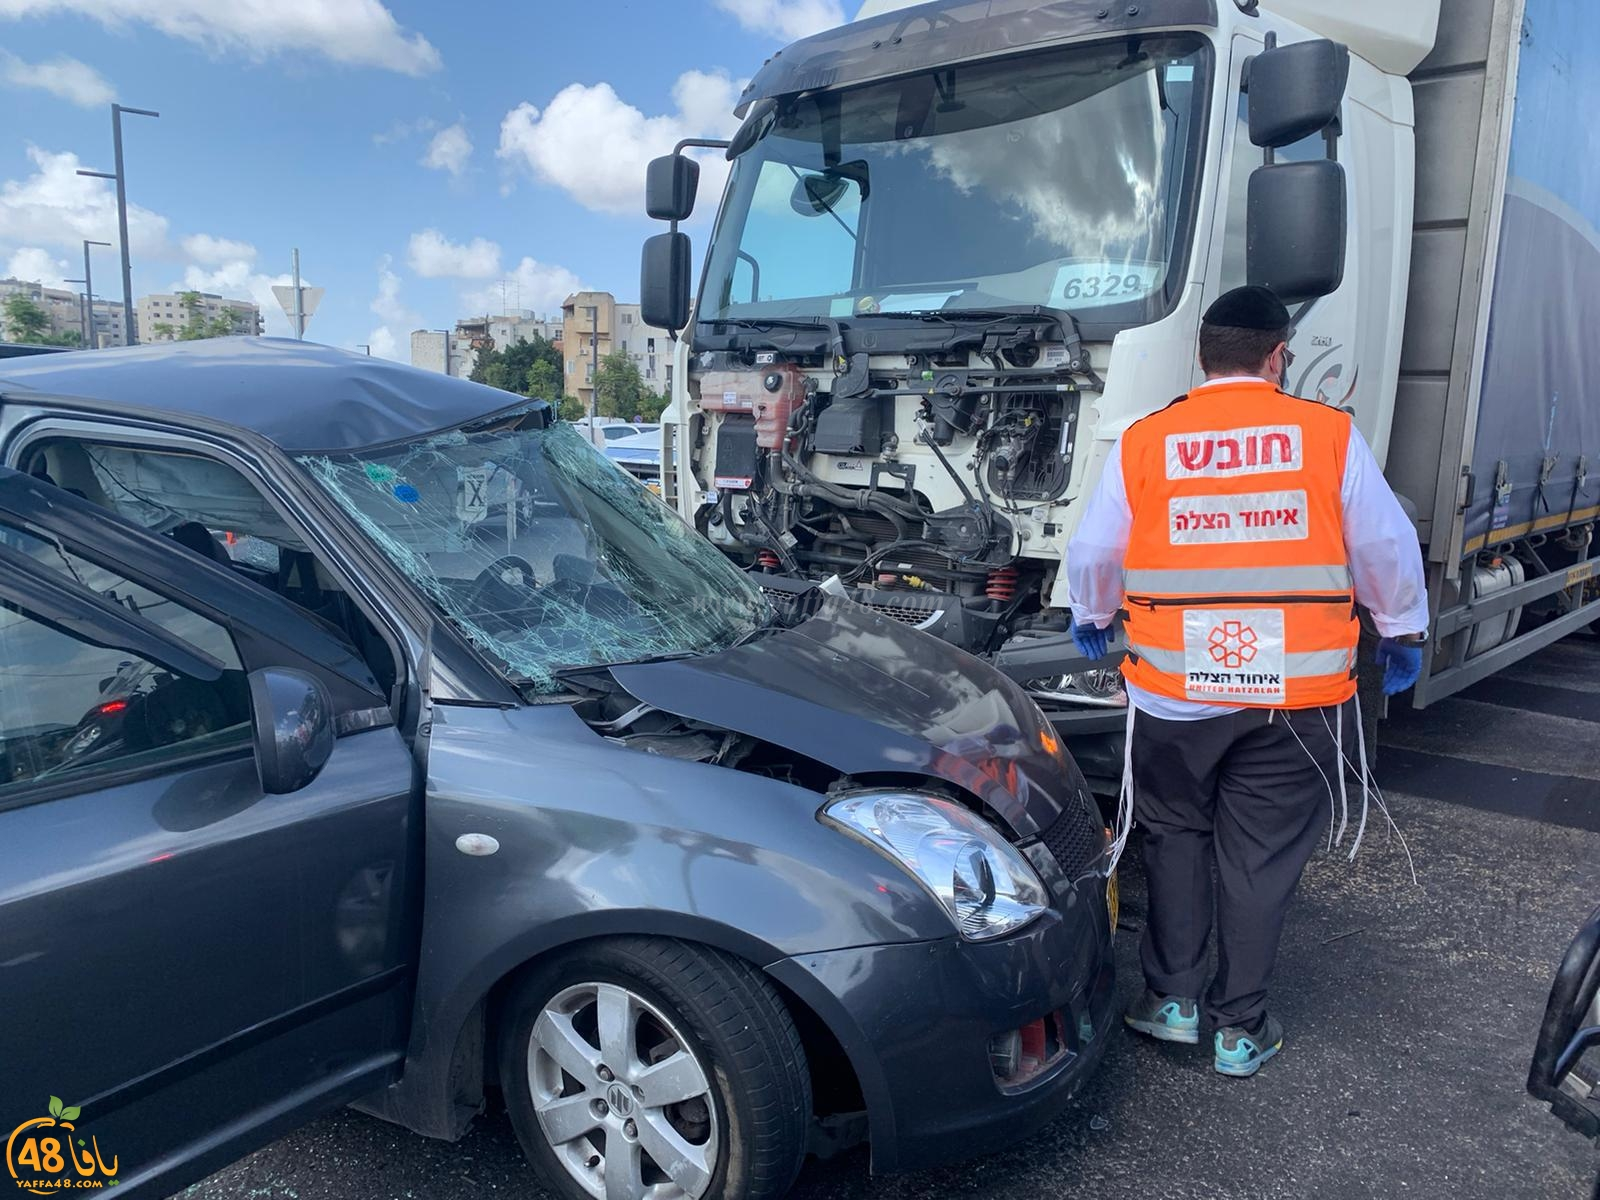 اصابة متوسطة بحادث طرق بين مركبة وشاحنة في مفرق اللد